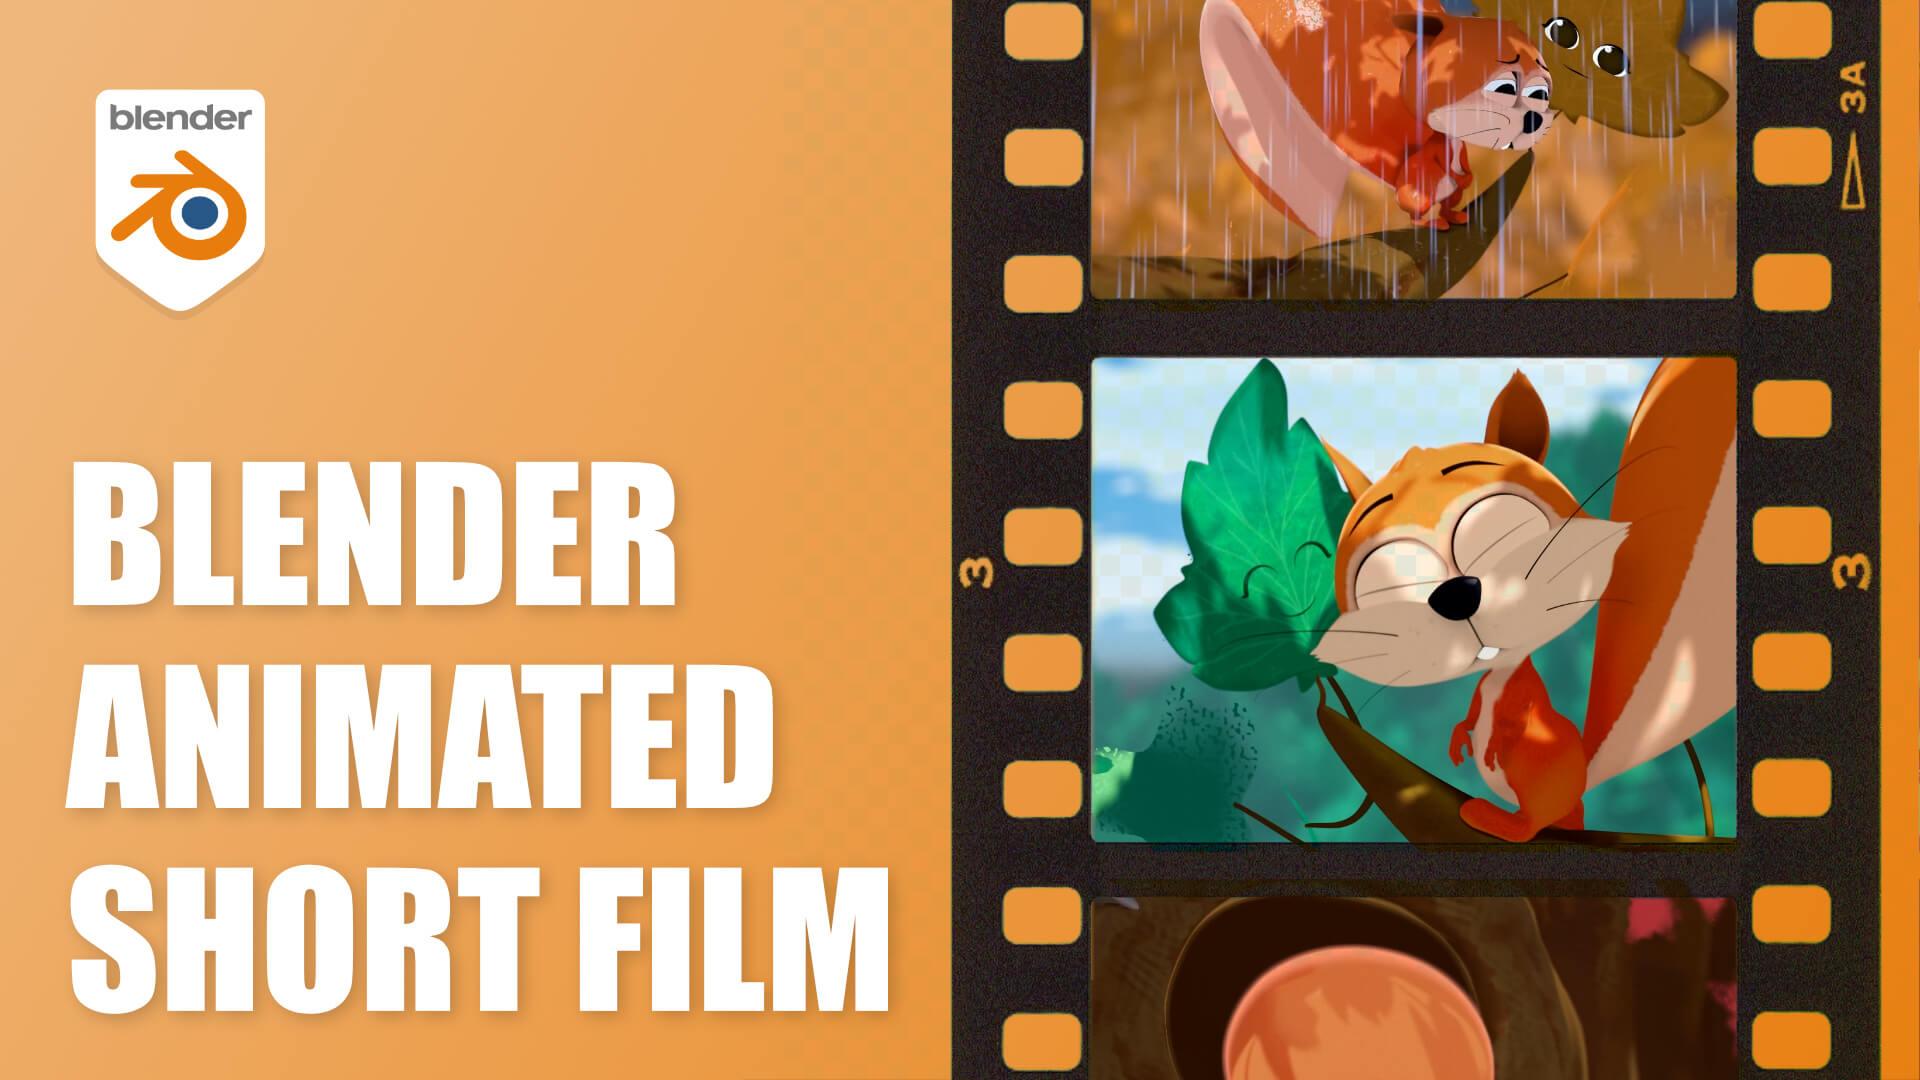 Skillshare filmmaking blender course